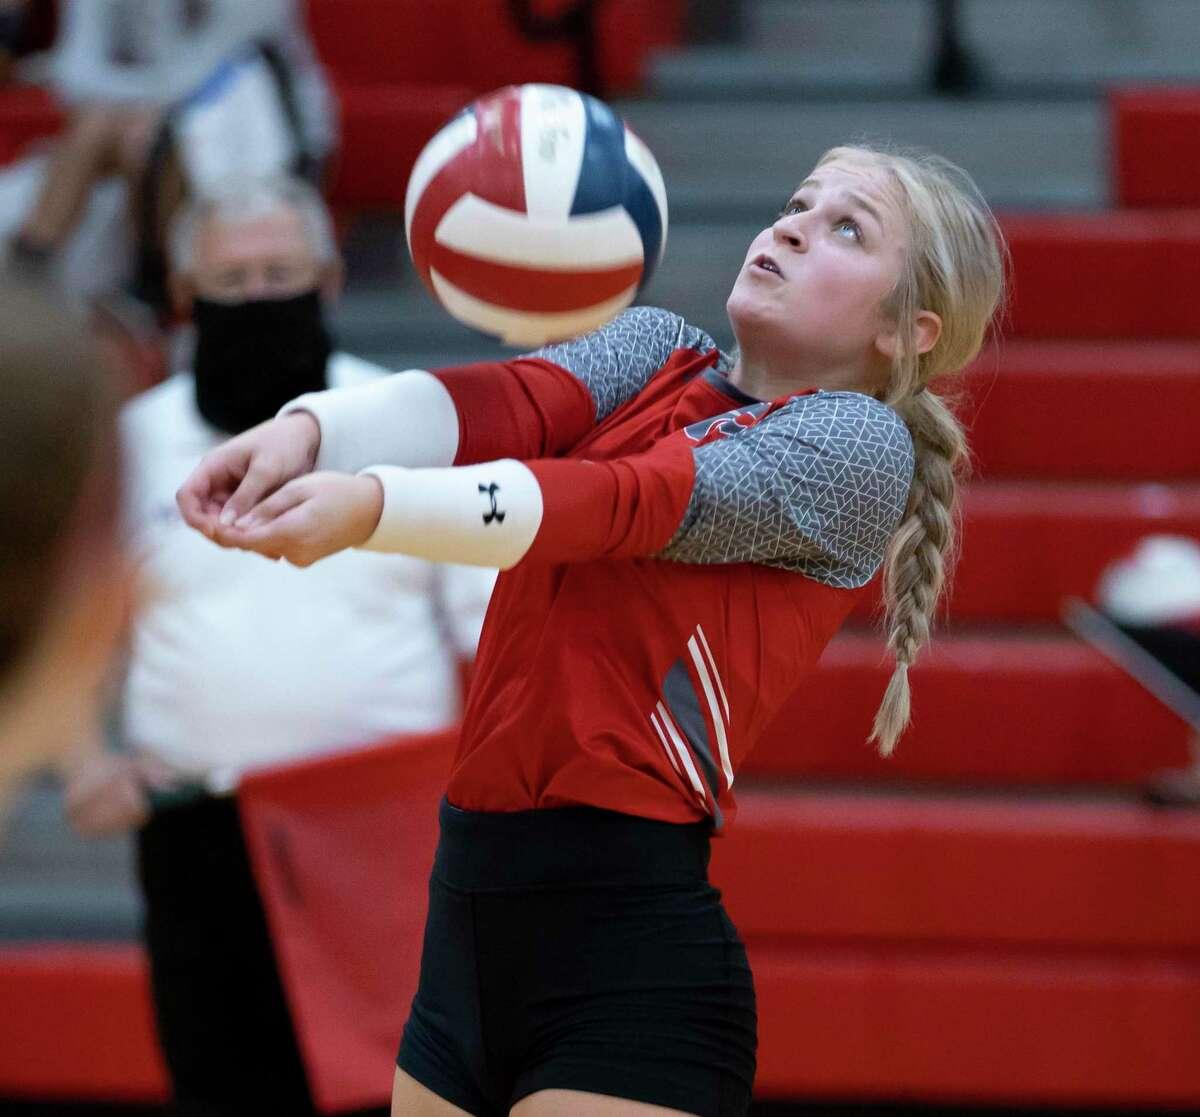 Splendora libero Ashton Schulz (8) returns a serve during the first set of a District 21-4A volleyball match at Splendora High School, Friday, Sept. 11, 2020, in Splendora.